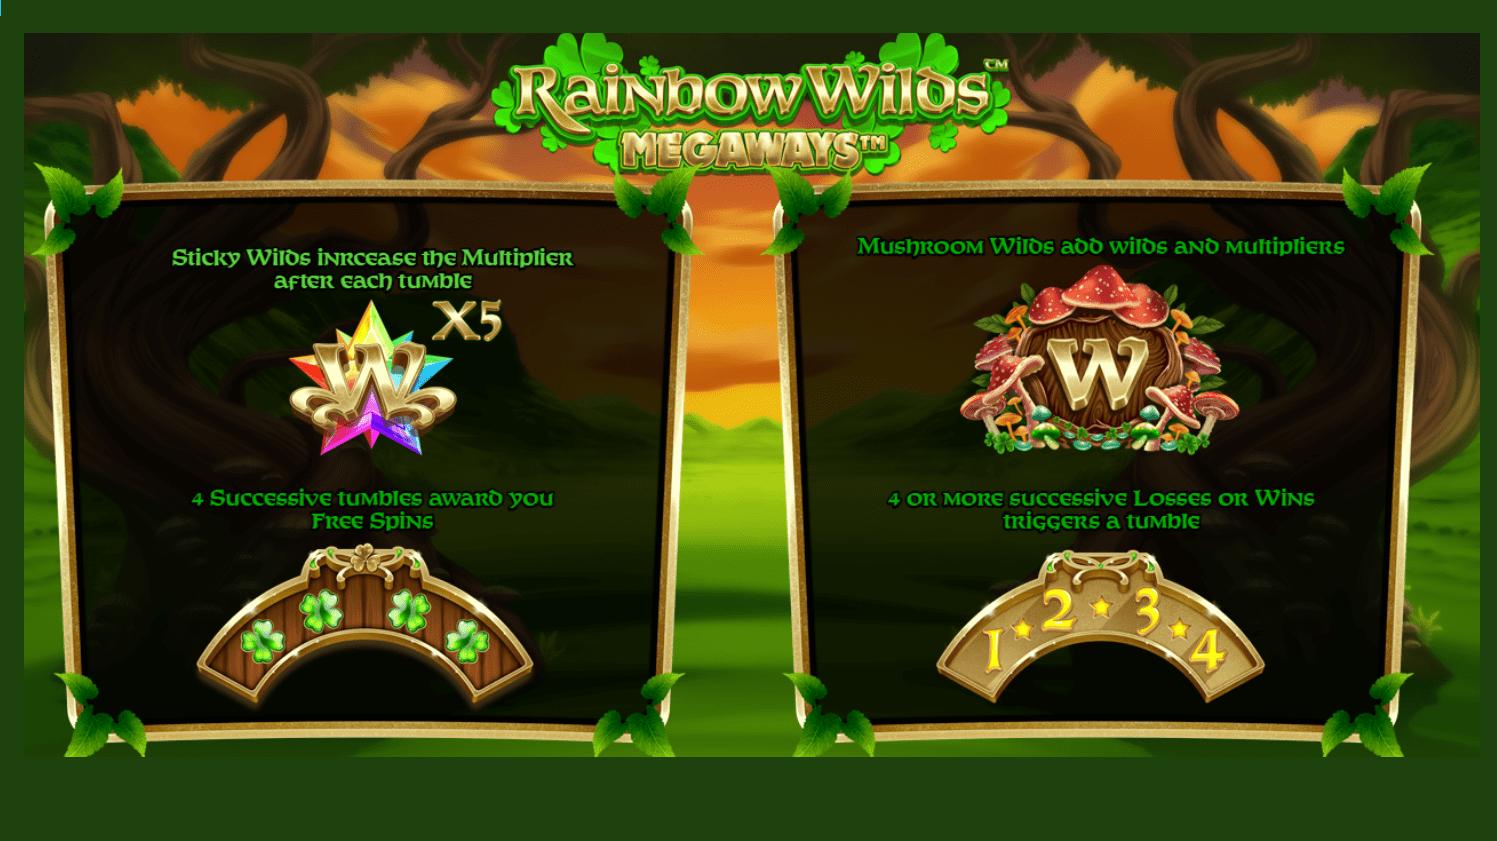 Rainbow Wilds Megaways Slots Bonus Features